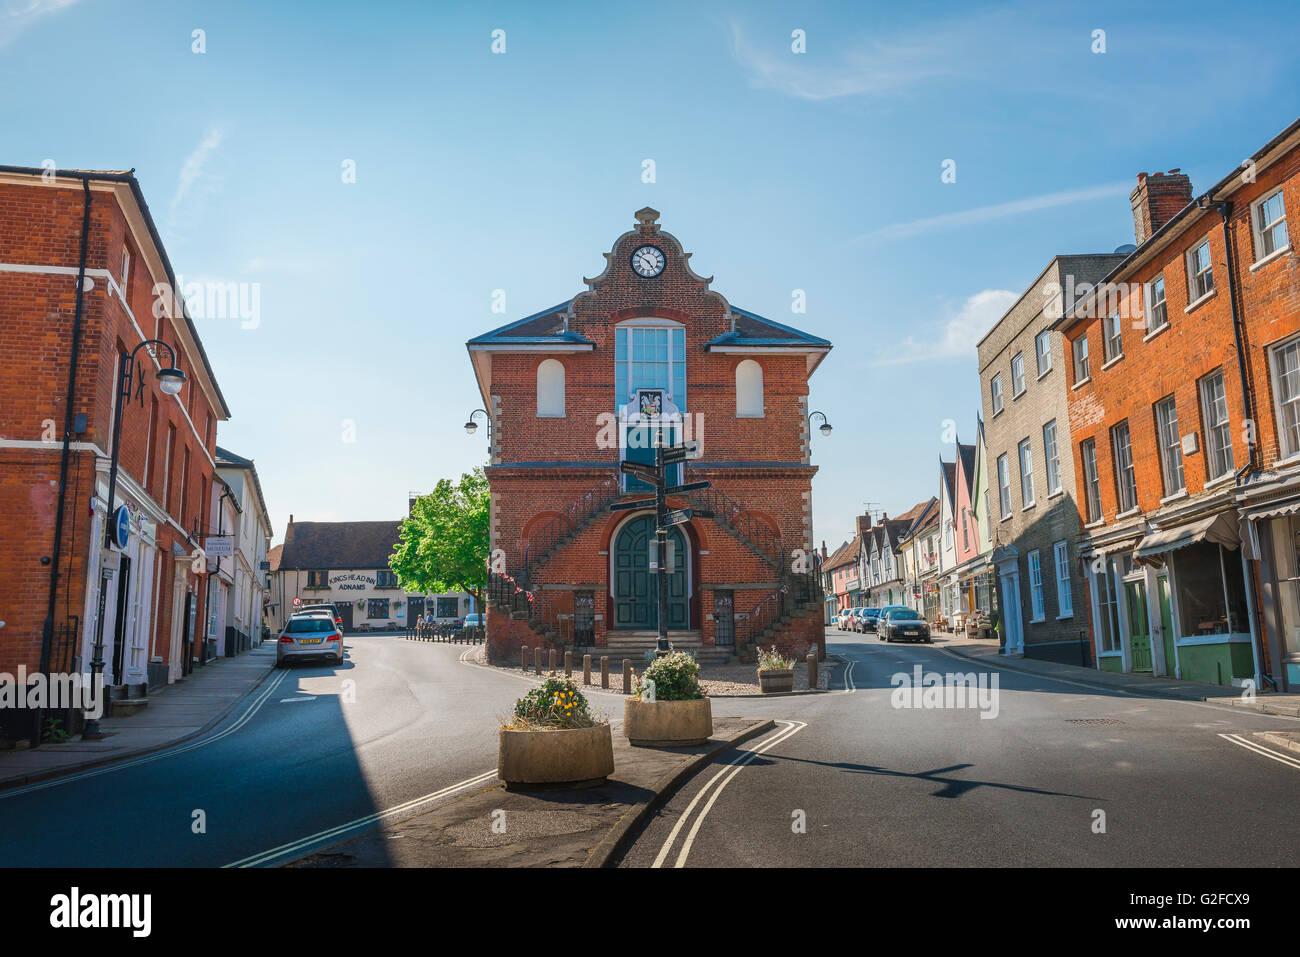 Suffolk Architektur, Ansicht der niederländischen Giebelhaus Rat Rathaus im Zentrum von Woodbridge, Suffolk, Stockbild